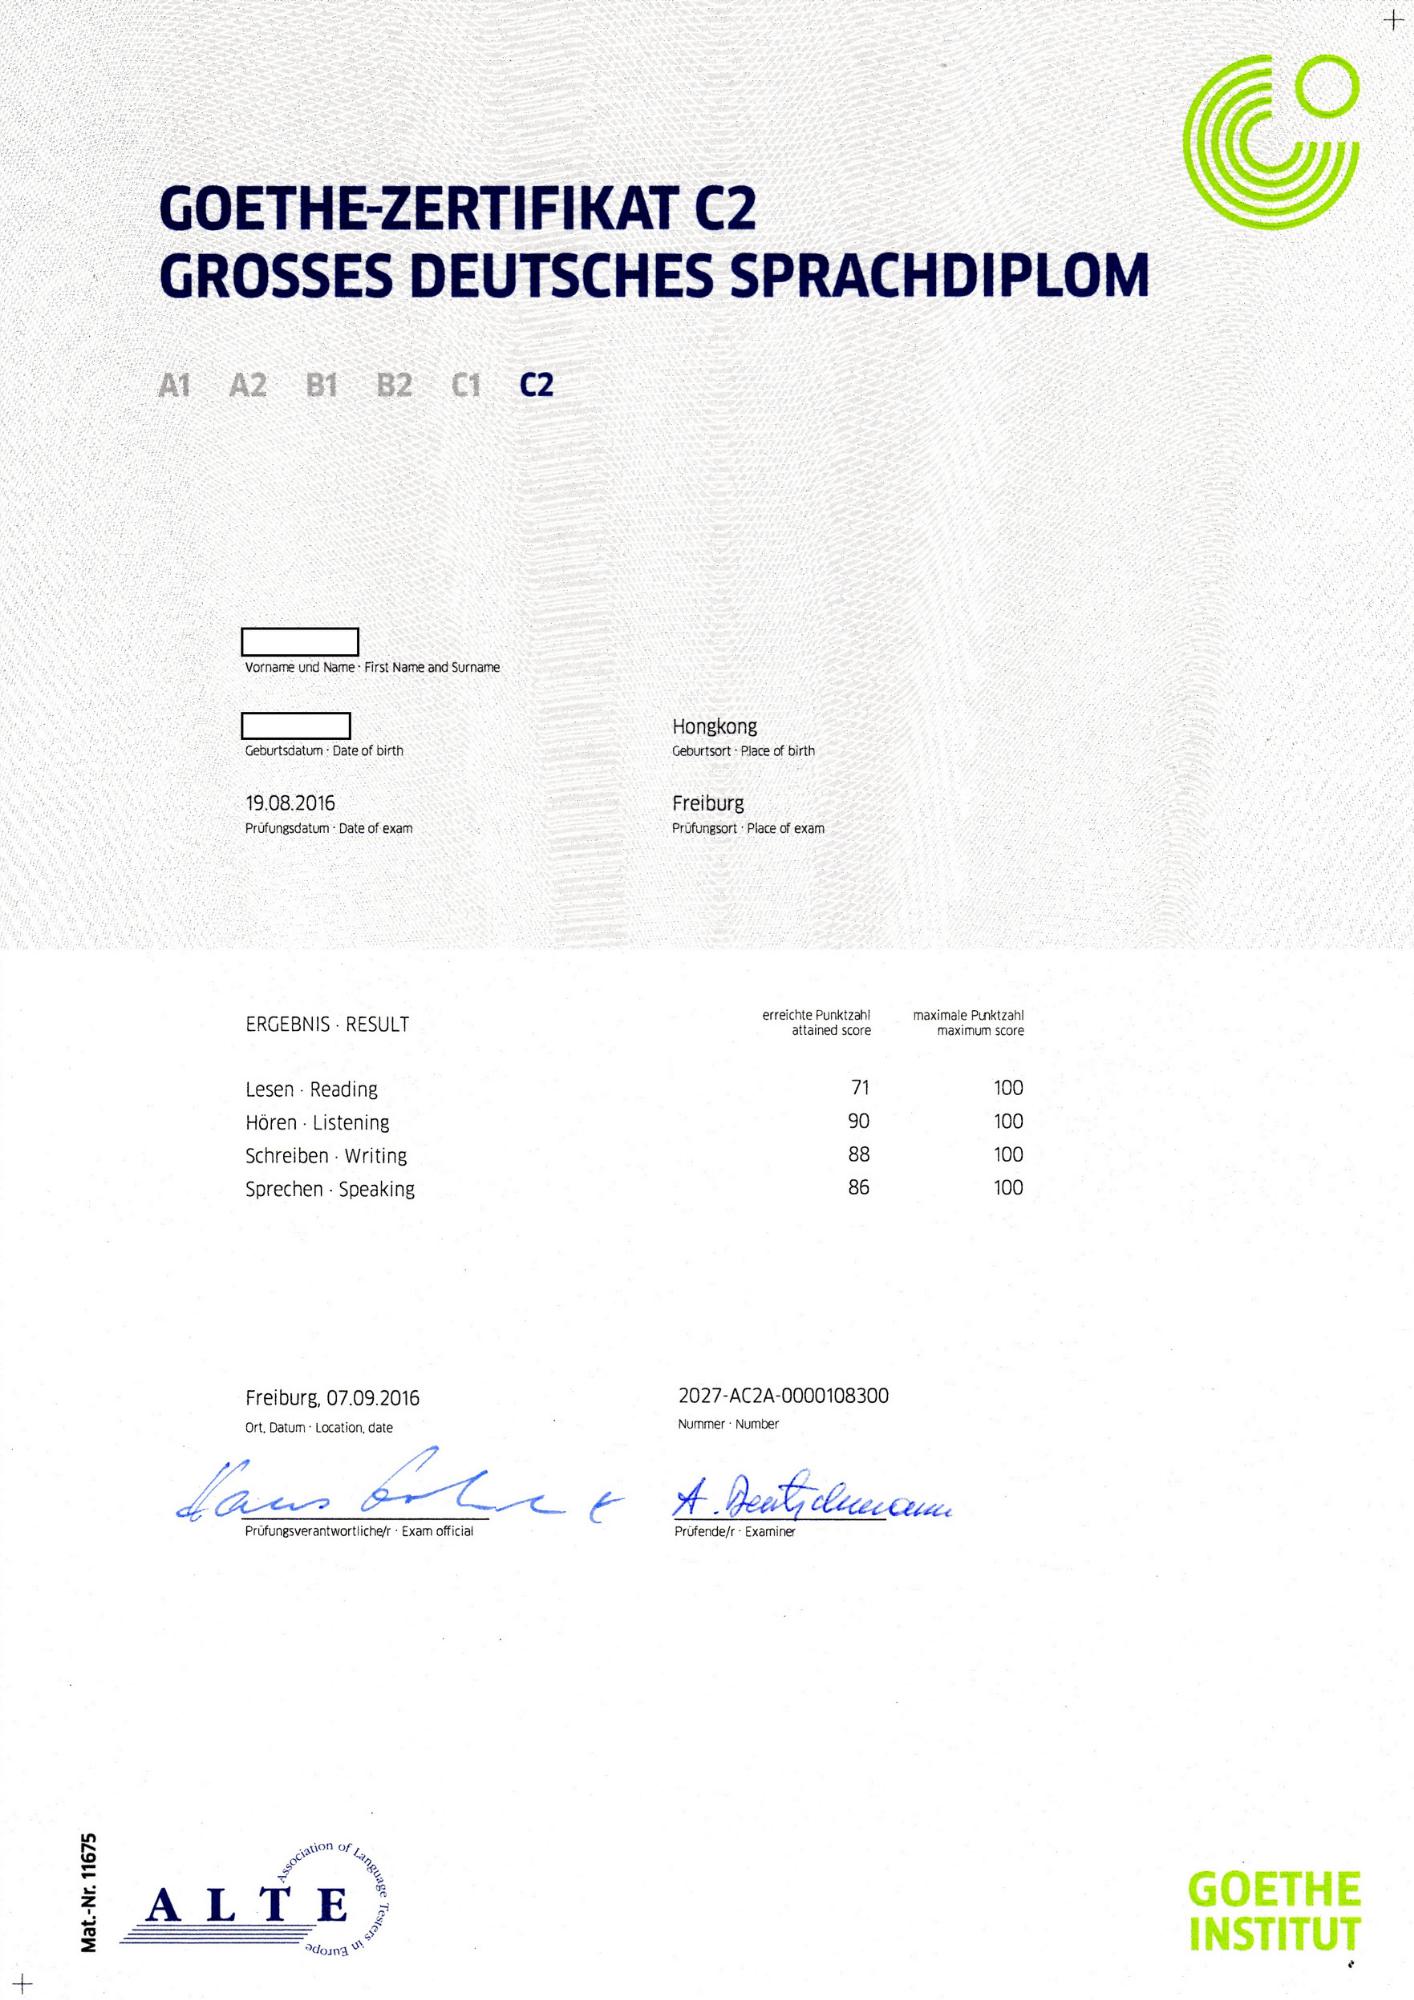 歌德 C2 證書